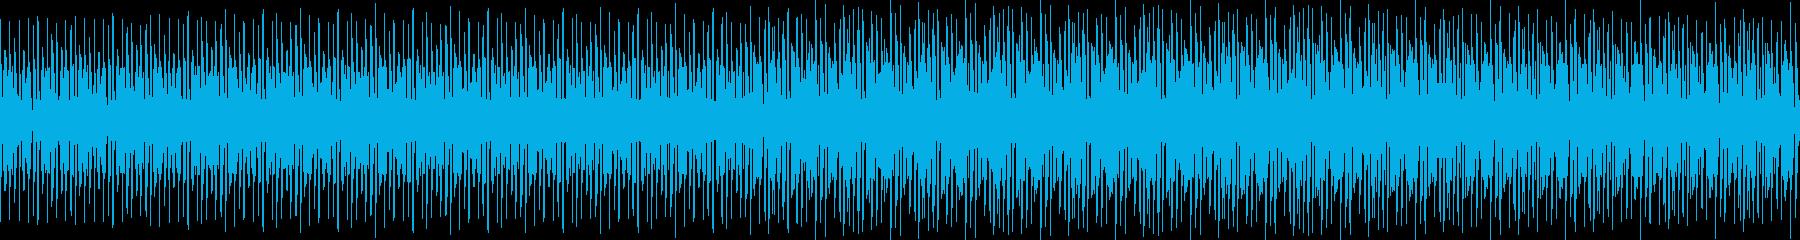 ギターのリフとパーカッション。イン...の再生済みの波形